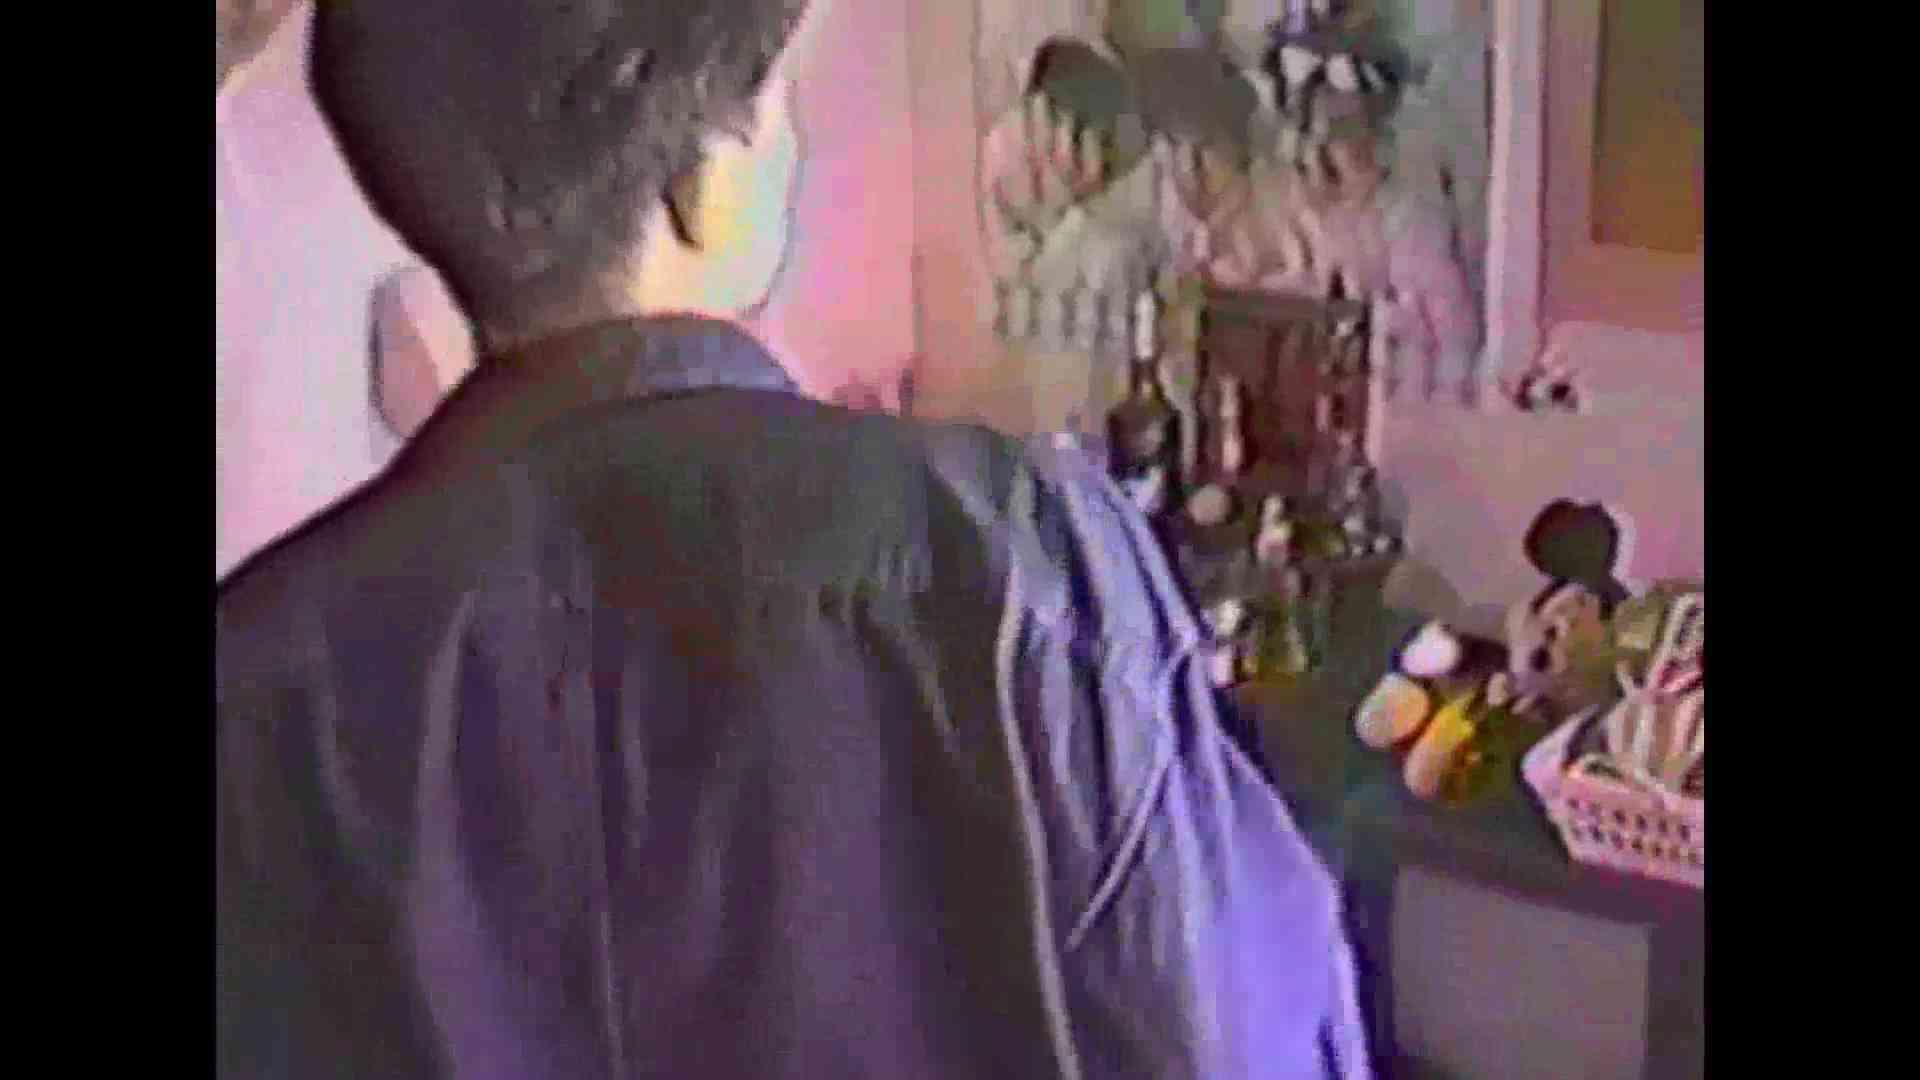 往年の名作 あの頃は若かった!第3弾 Vol.04 ノンケ達のセックス | GAY  67画像 17